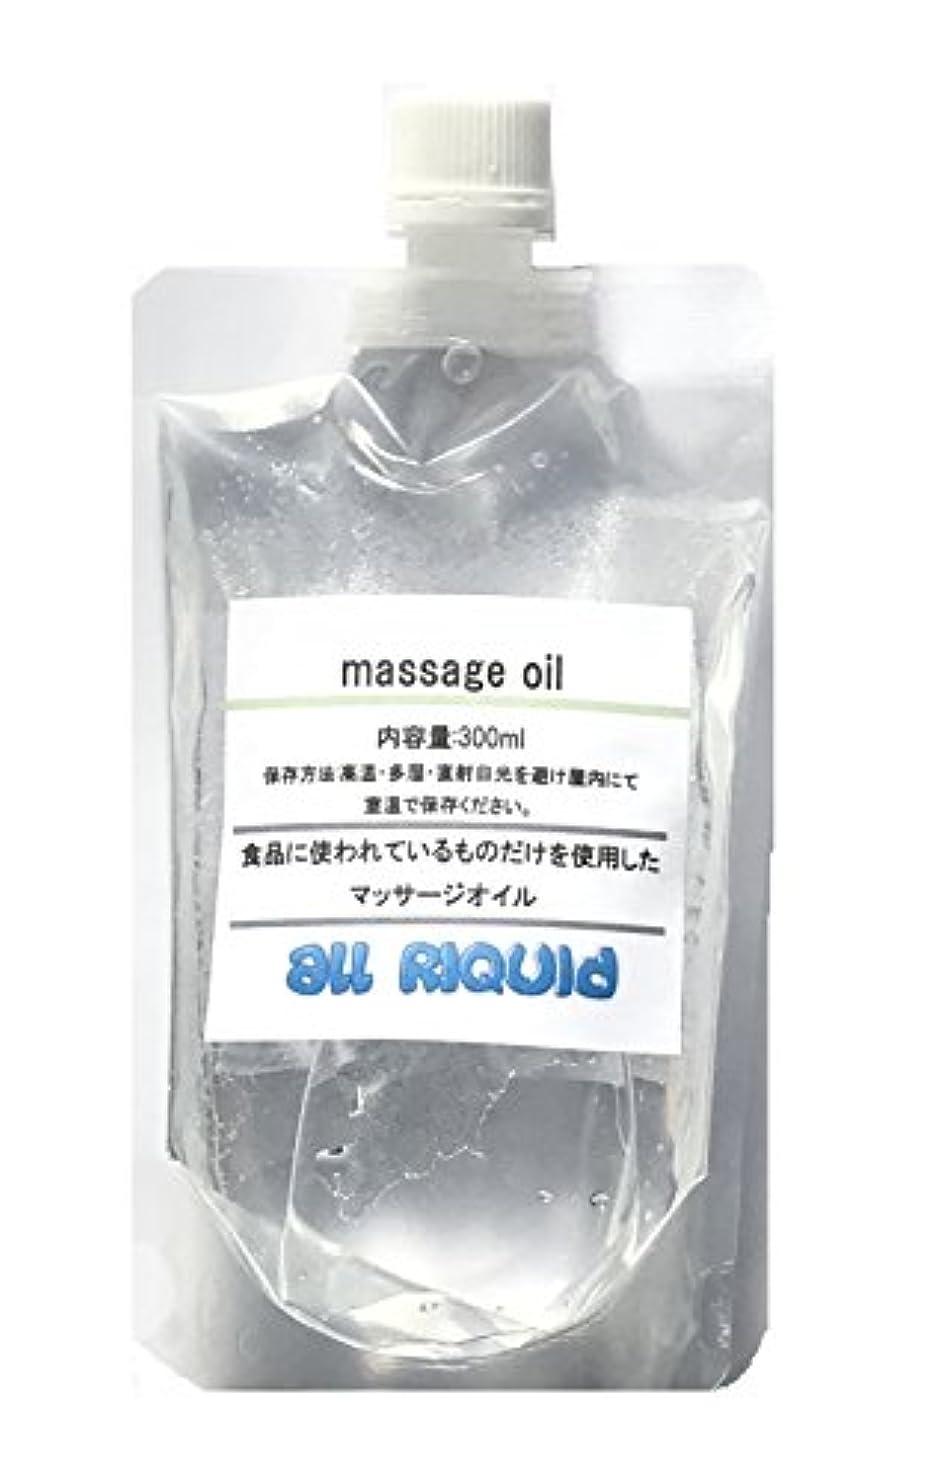 ランプ定常運賃(国産) 食品に使われているものしか入っていないアロママッサージオイル あま~い メープルオイル入り オールリキッド製 300ml (グリセリン クエン酸)配合 大容量